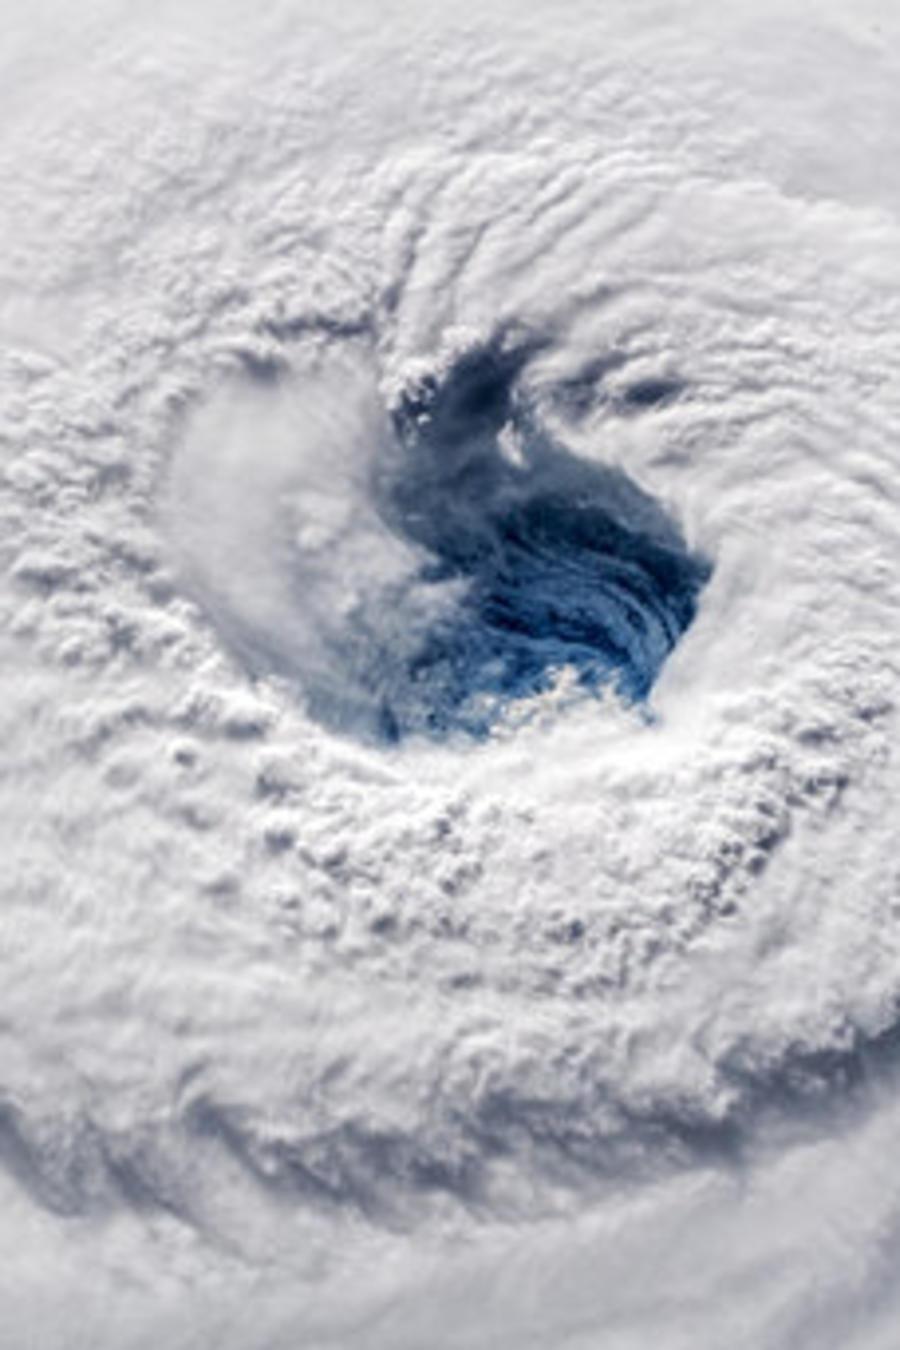 Un hombre se protege de los efectos del huracán Florence, en una imagen de 2018.